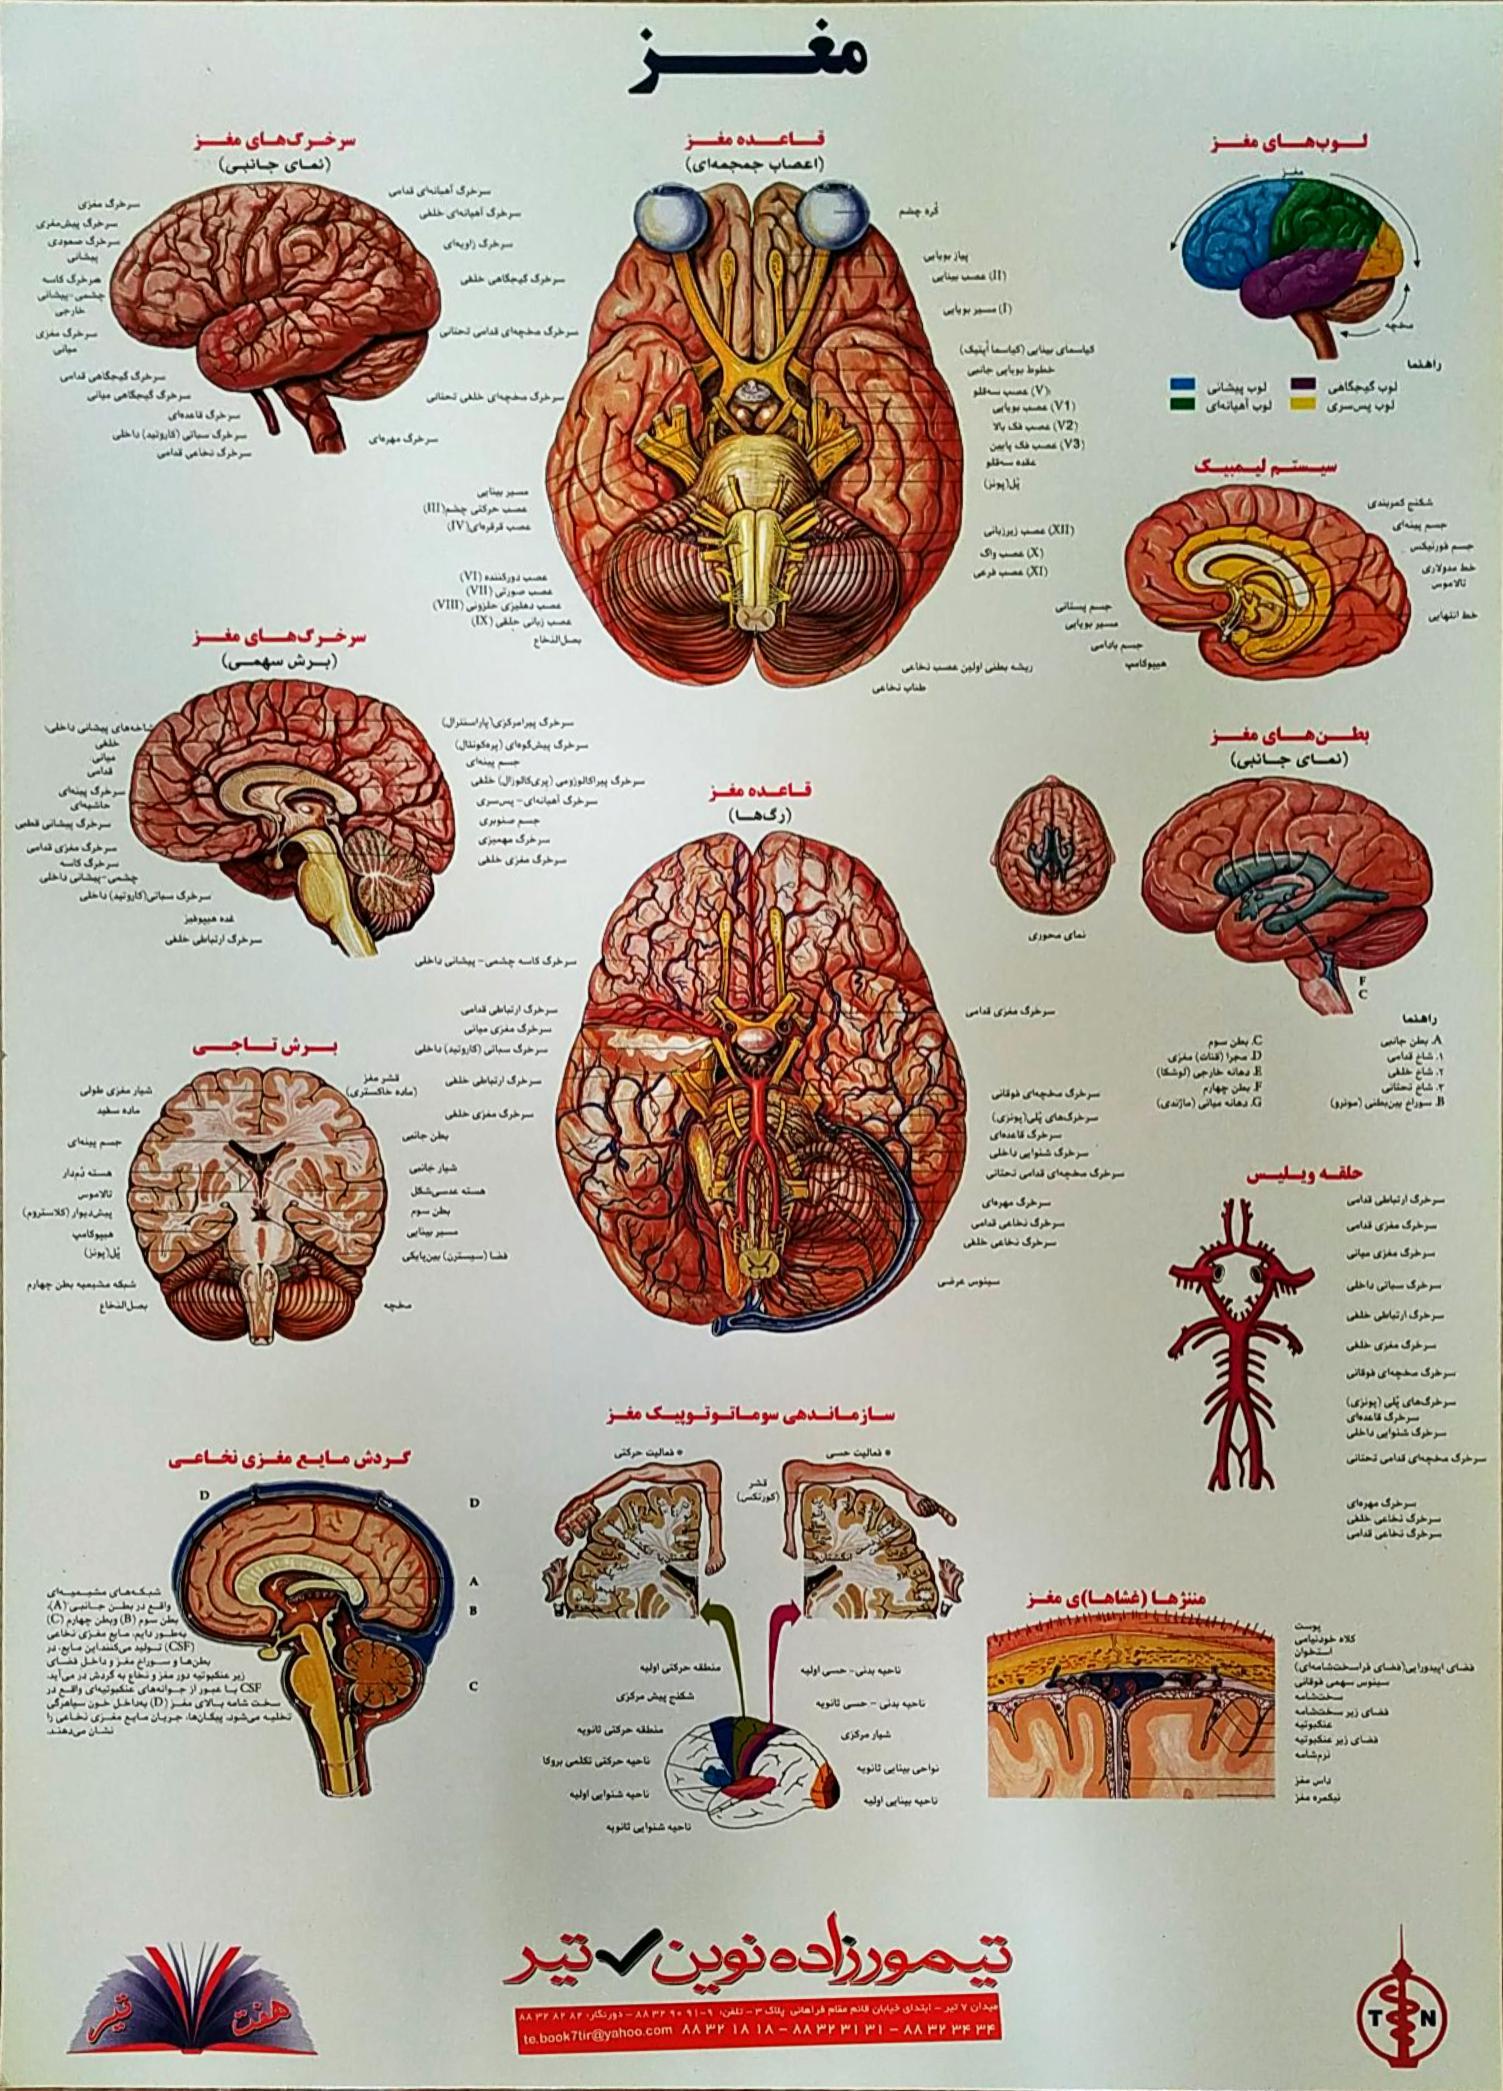 پوستر مغز